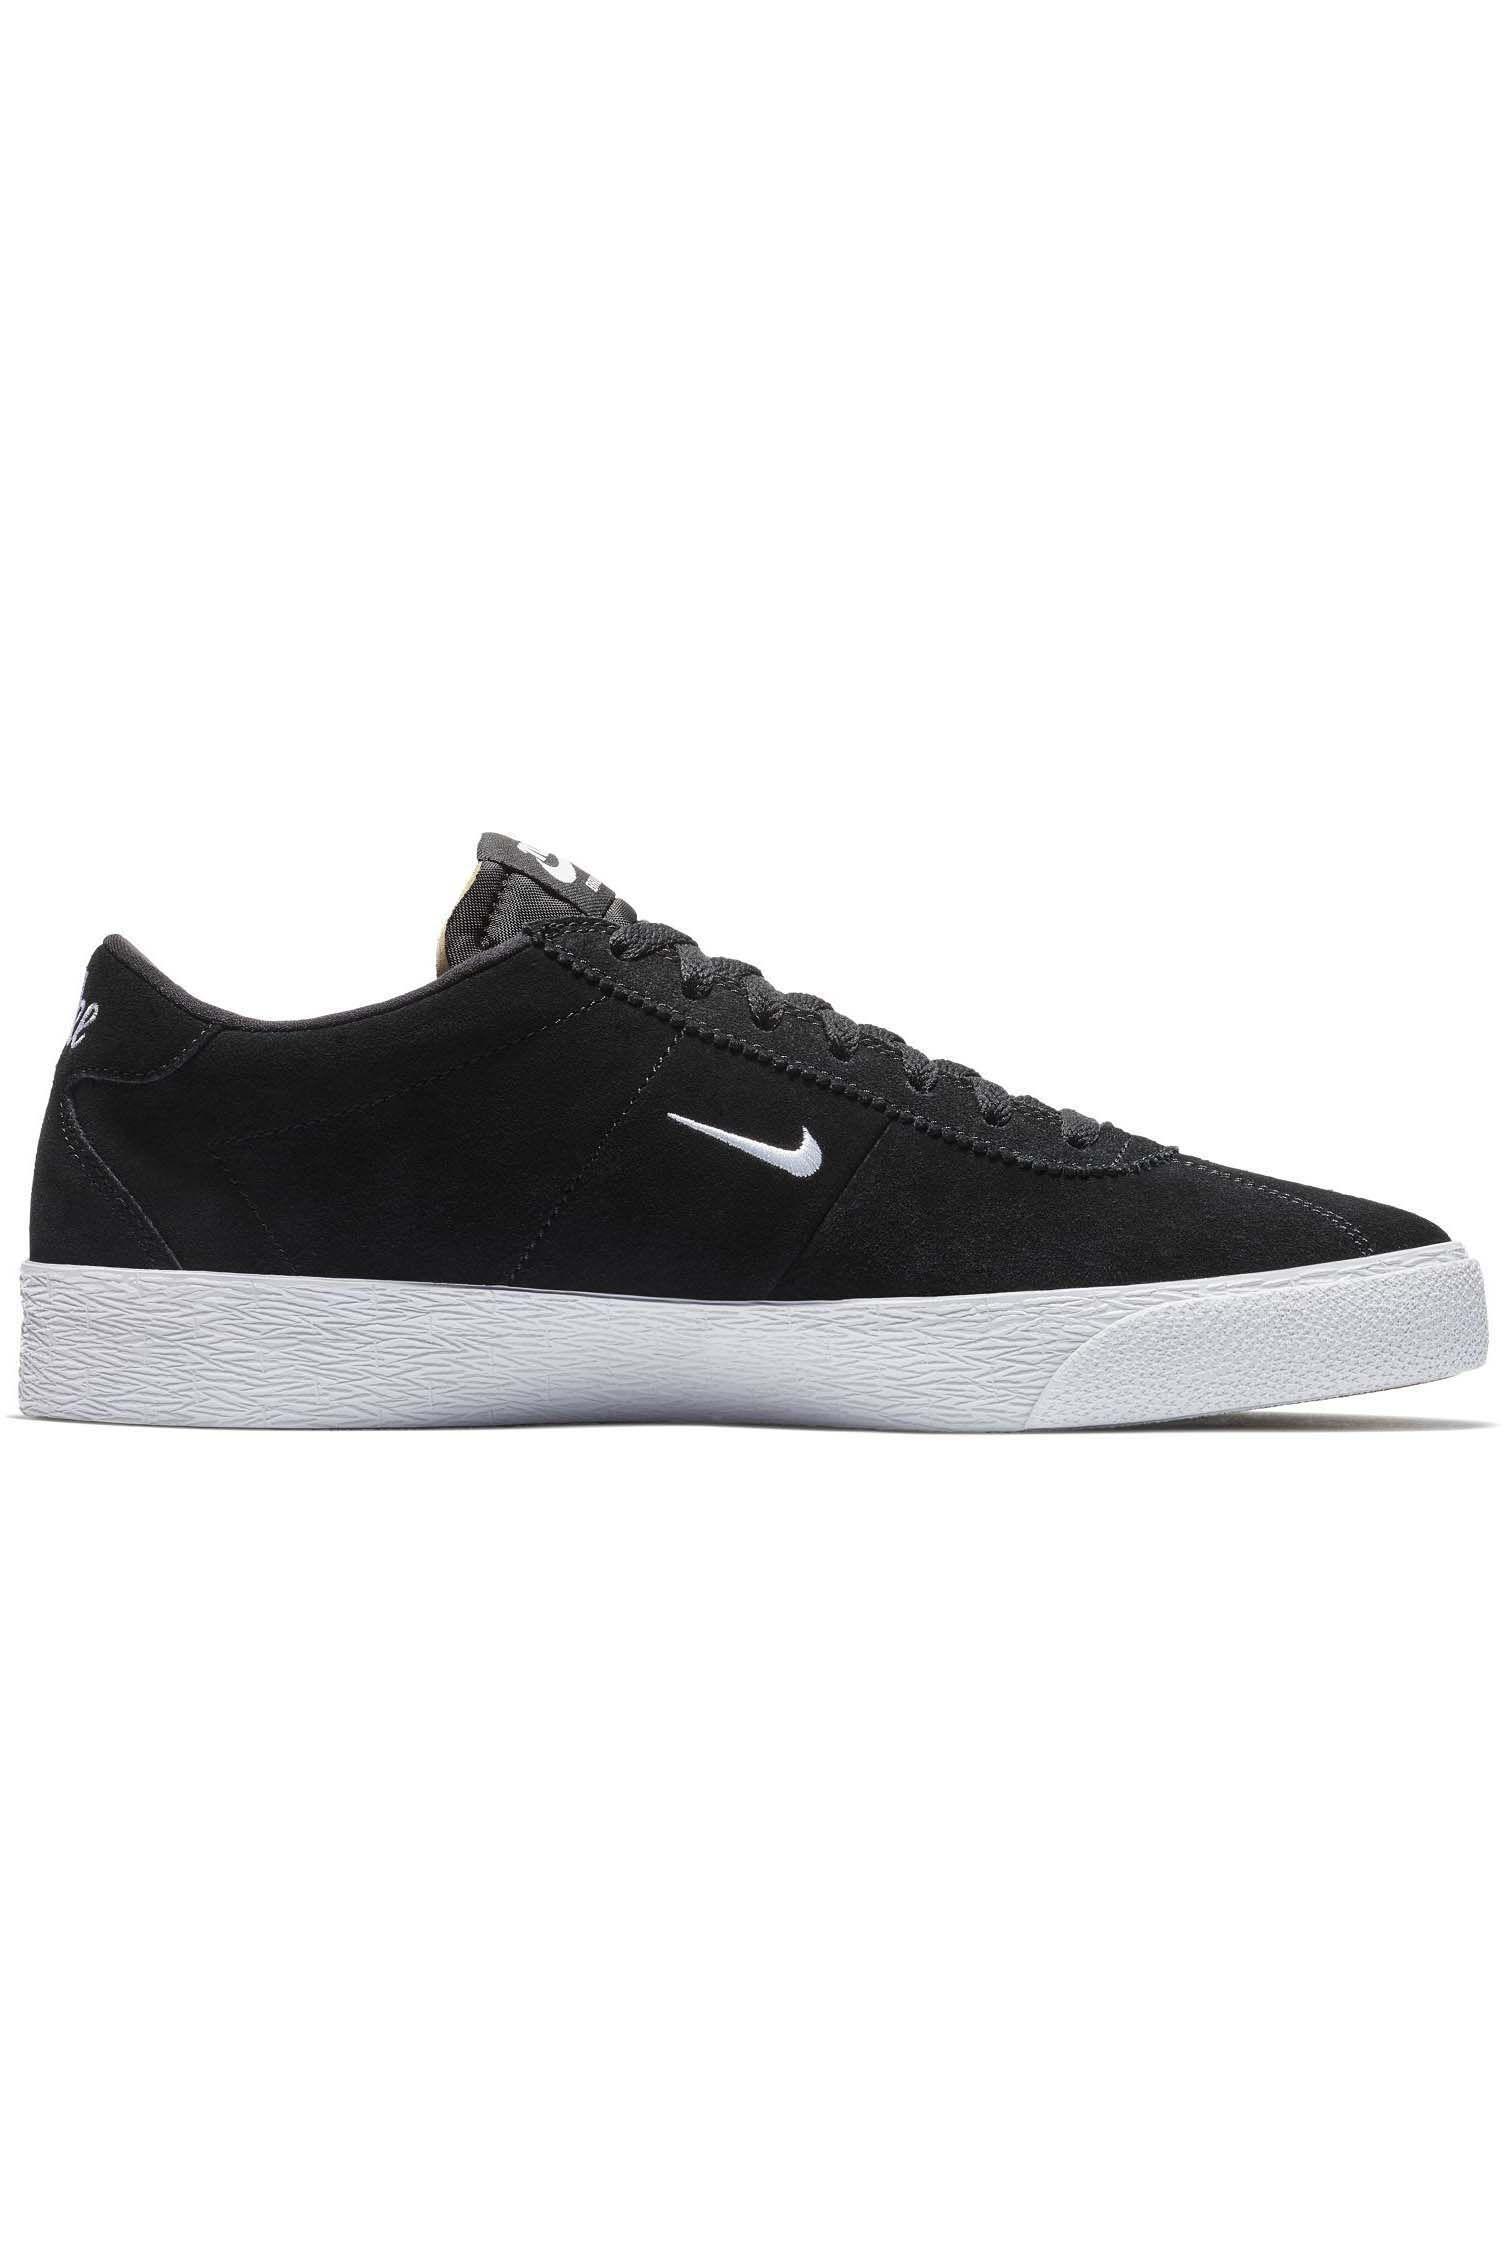 Tenis Nike Sb ZOOM BRUIN ULTRA Black/White-Gum Light Brown